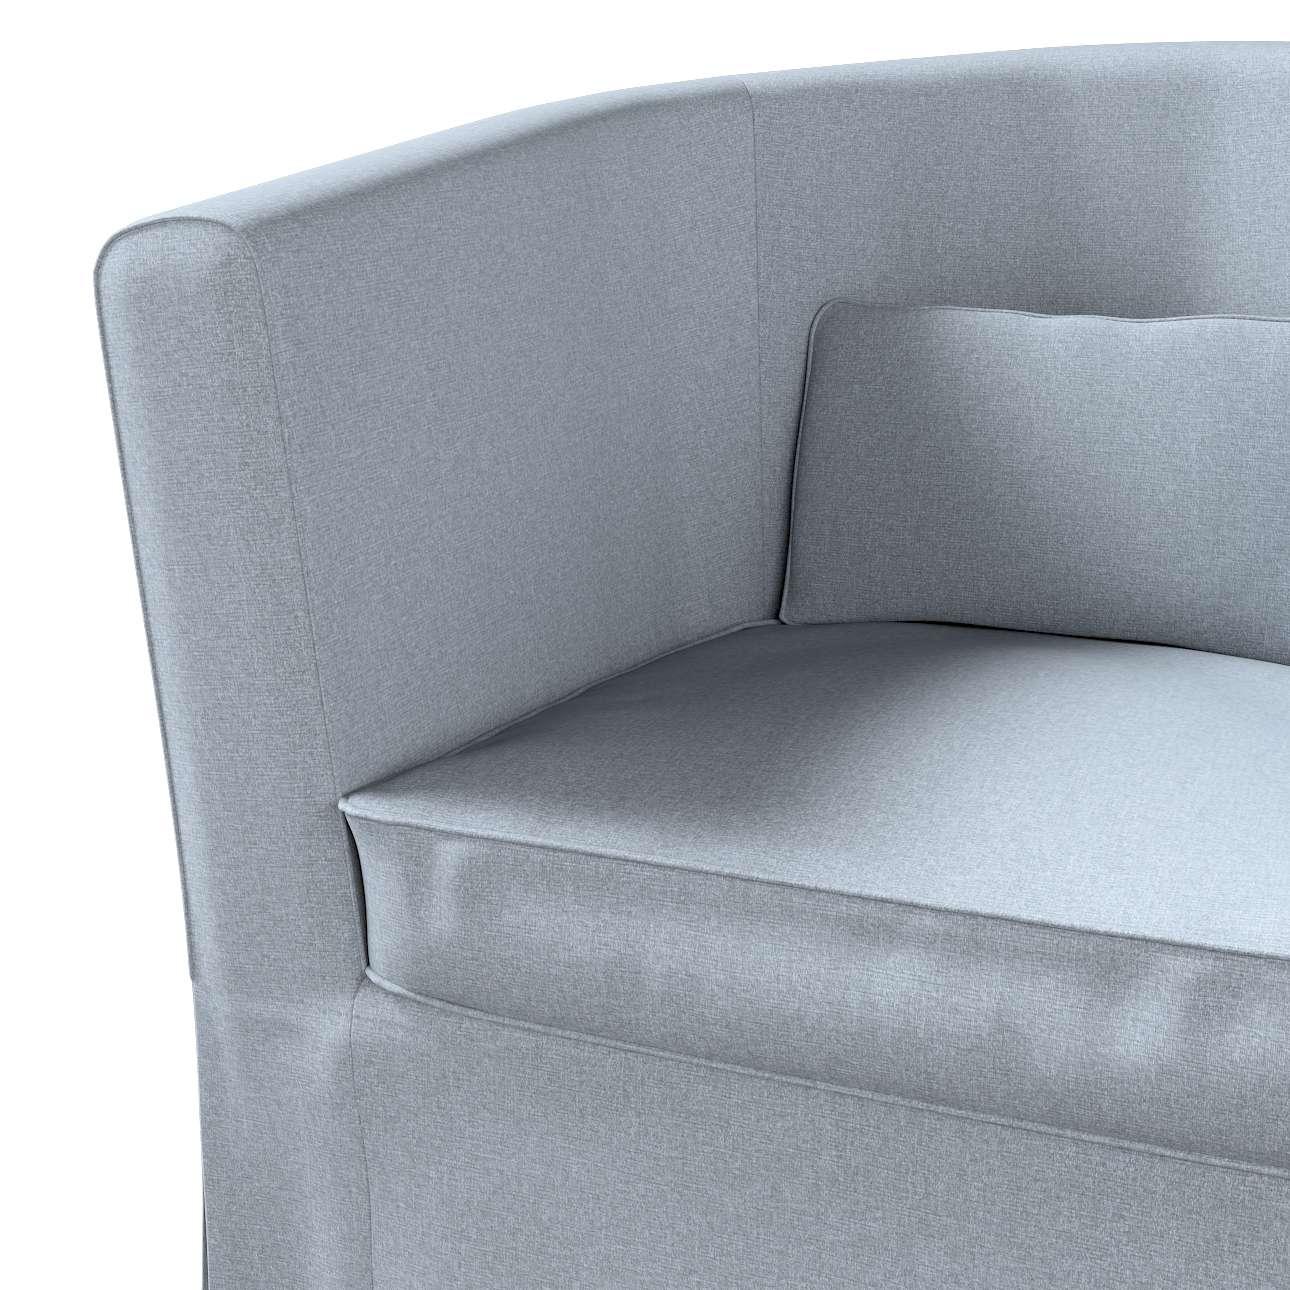 Pokrowiec na fotel Ektorp Tullsta w kolekcji Amsterdam, tkanina: 704-46